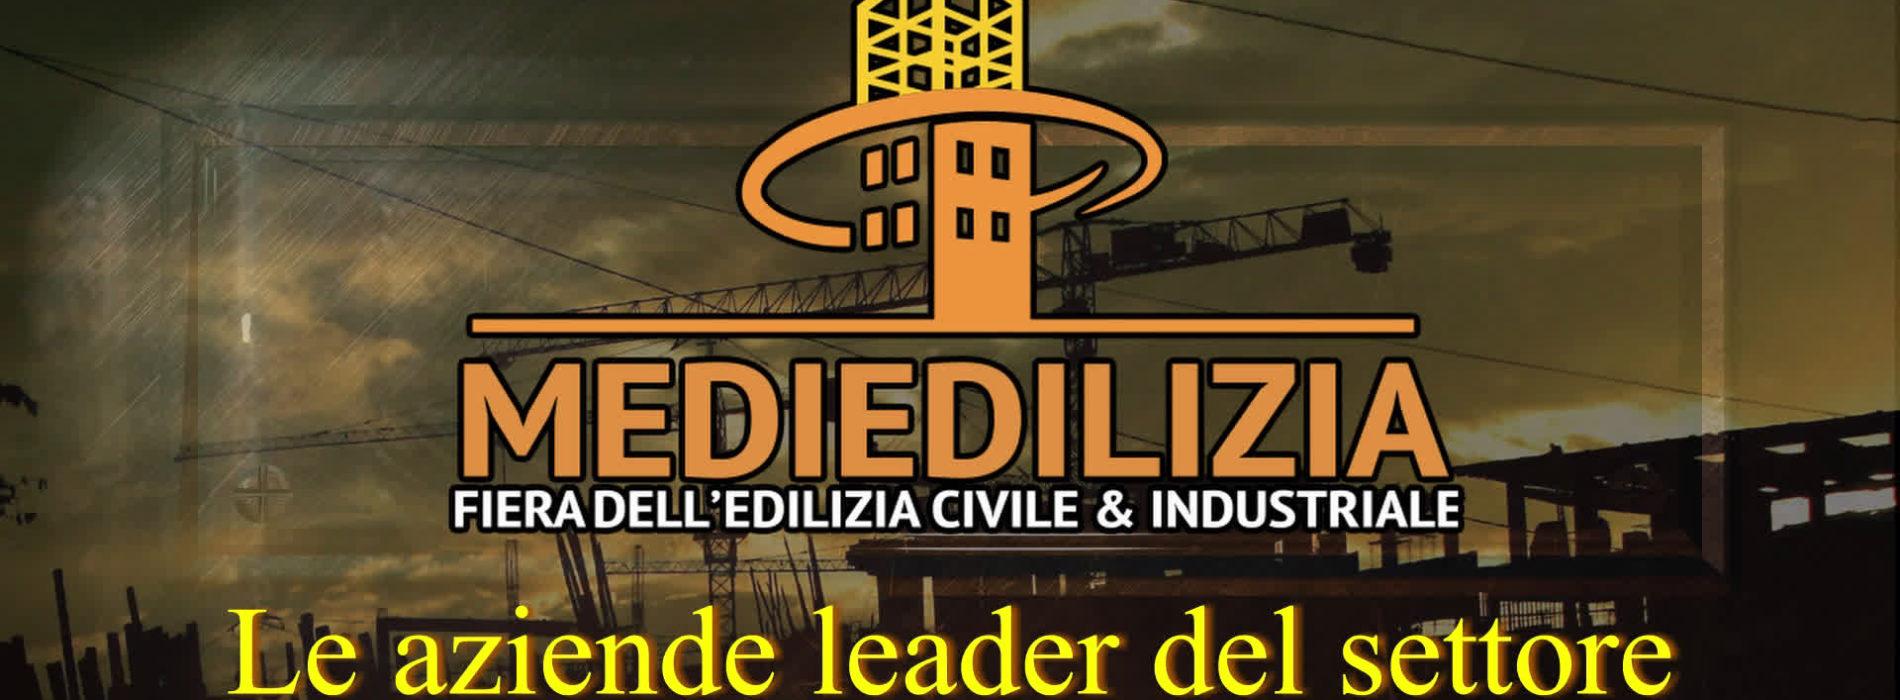 MediEdilizia 2018